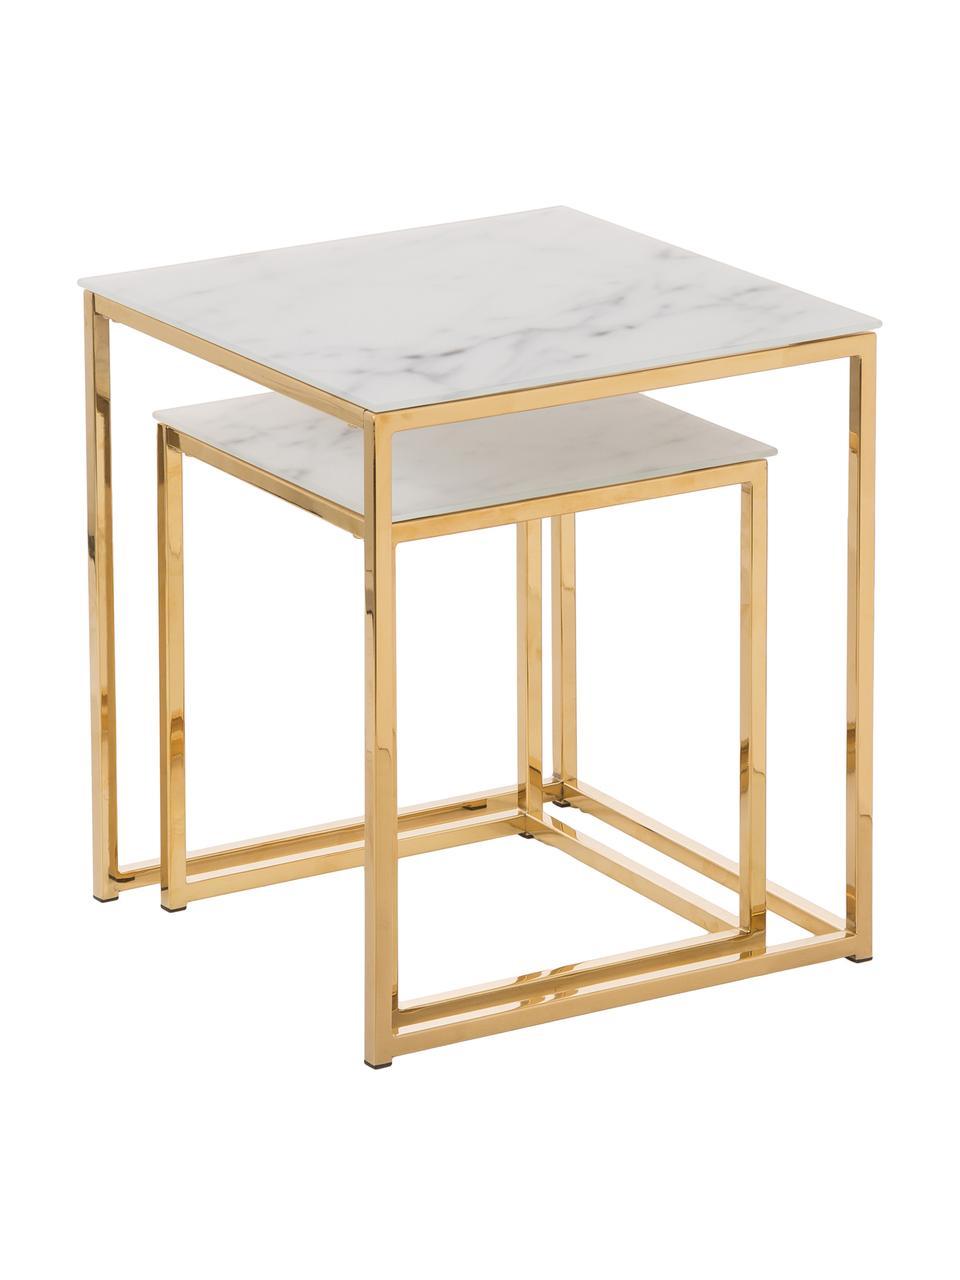 Tables gigognes glamour avec plateau en verre marbré Aruba, 2 élém., Plateau imprimé en verre: blanc mat, marbré Structure: couleur dorée